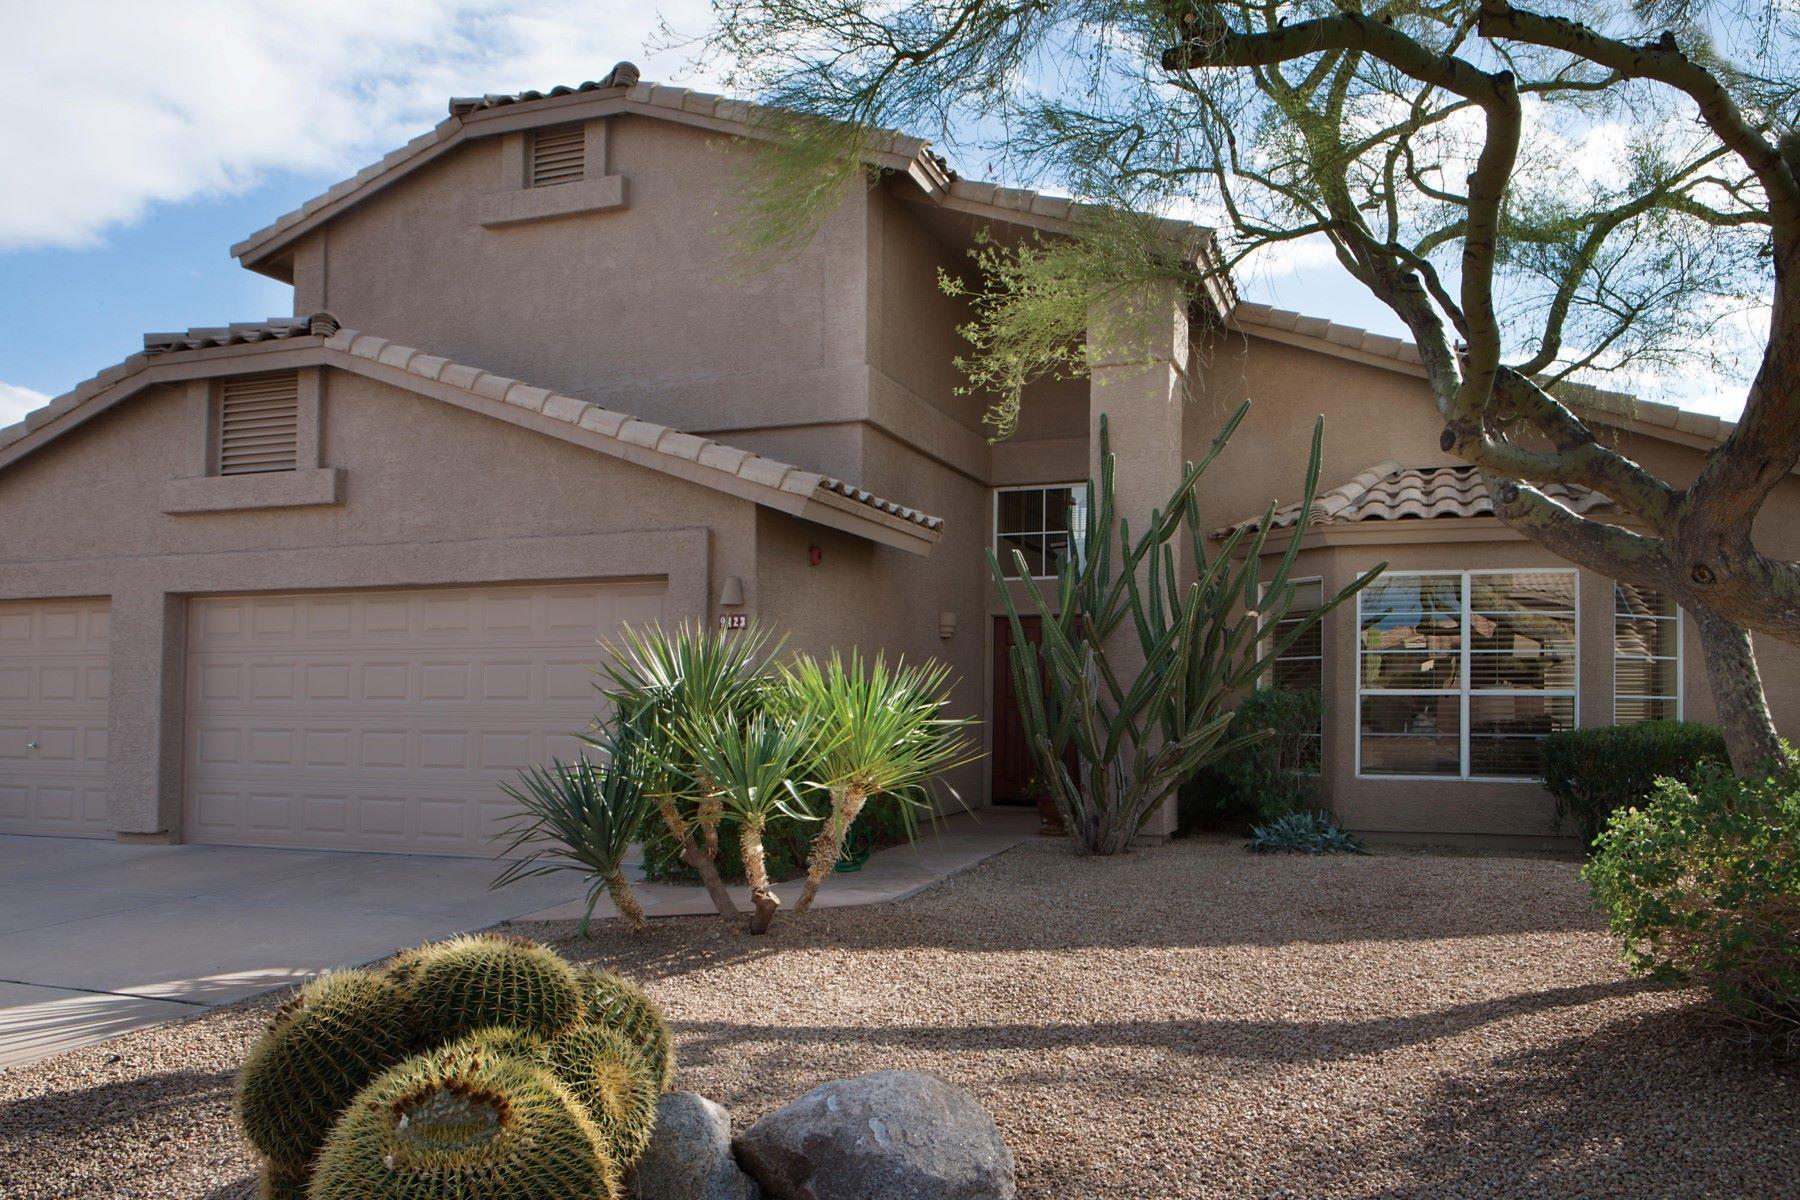 Частный односемейный дом для того Продажа на Immaculately maintained Ironwood Village 9423 E Rosemonte Dr Scottsdale, Аризона, 85255 Соединенные Штаты